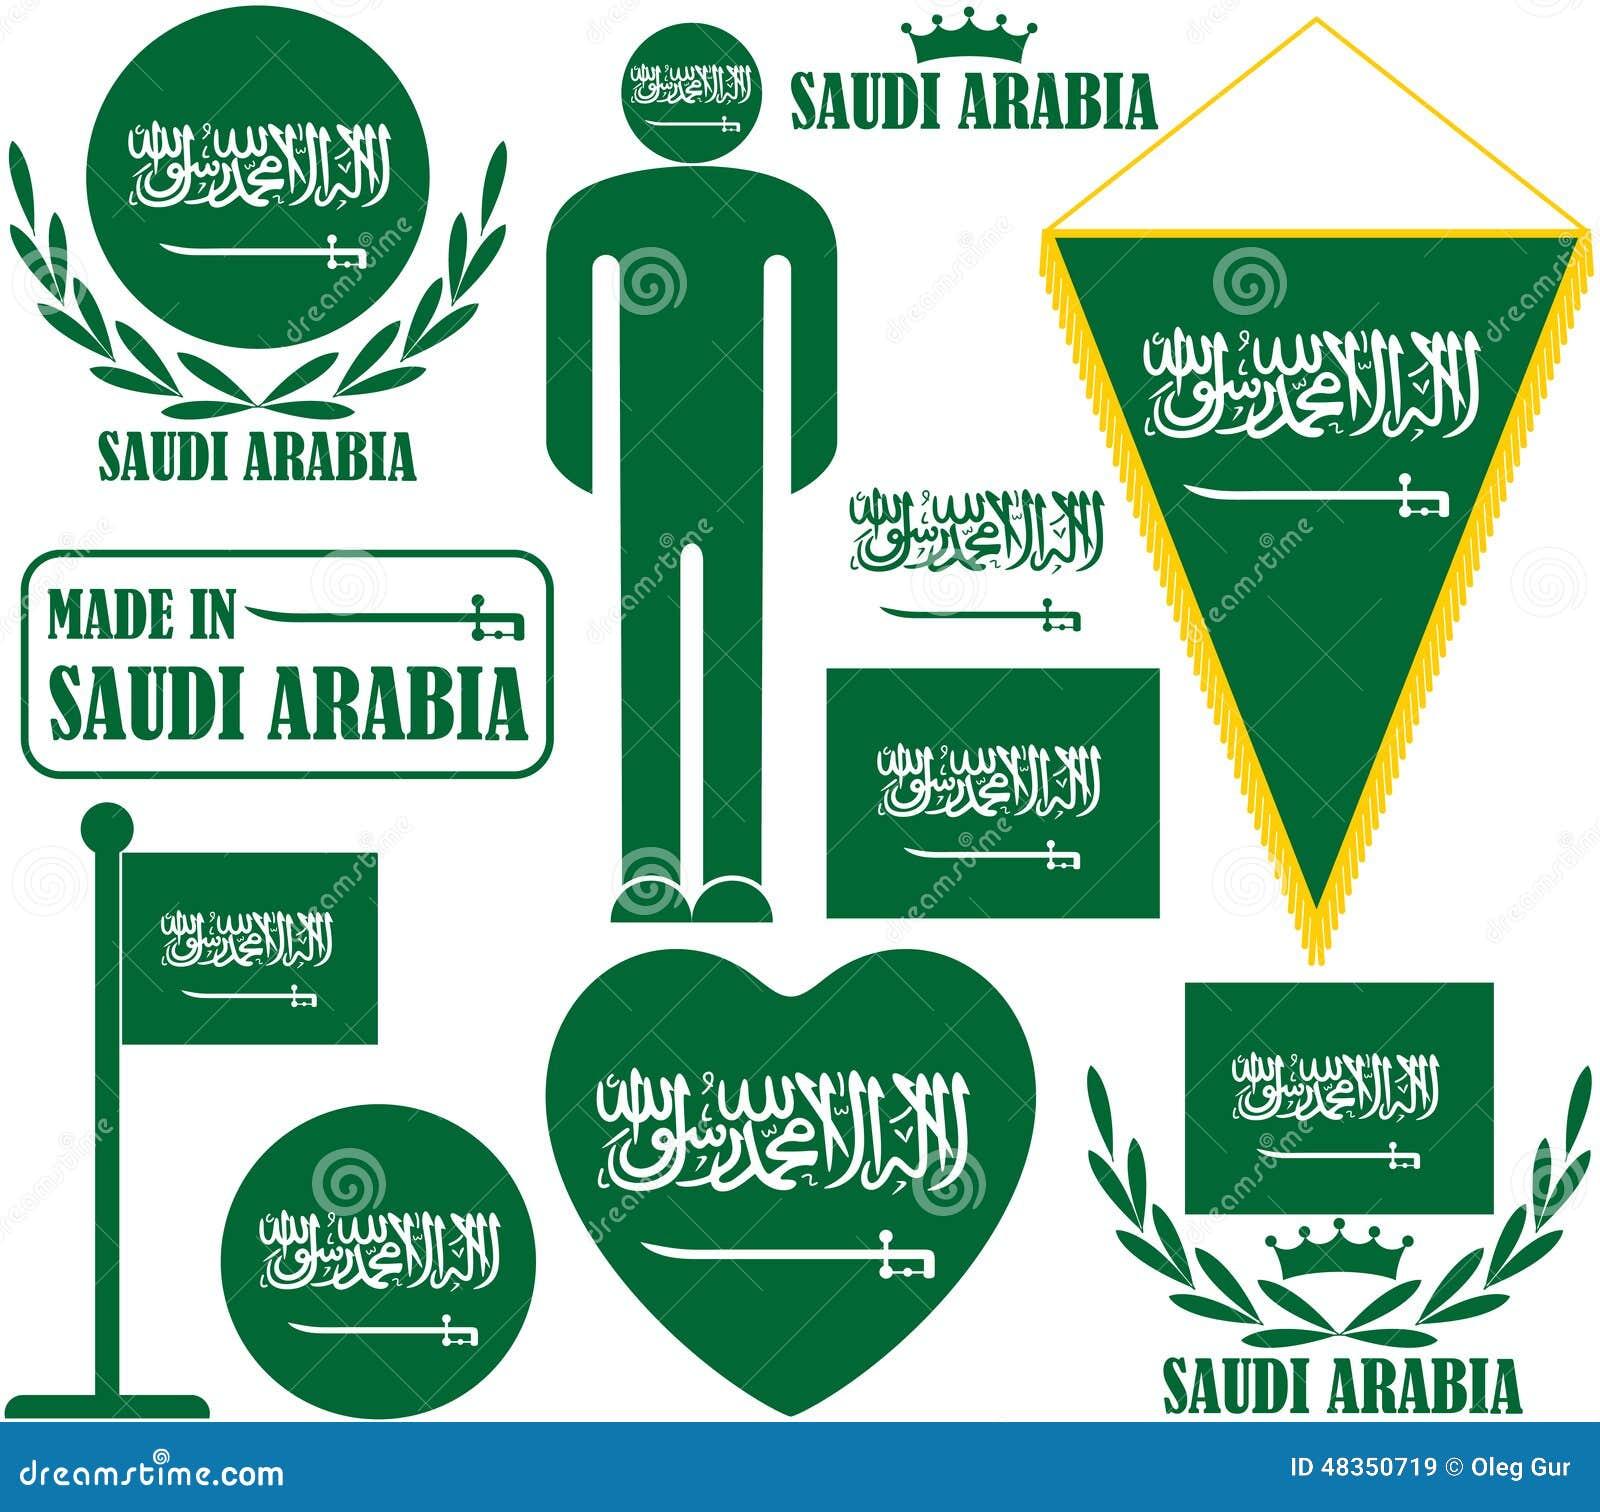 达成协议阿拉伯半岛地区夹子上色了海拔greyed包括映射路径替补沙特被遮蔽的状态周围的领土